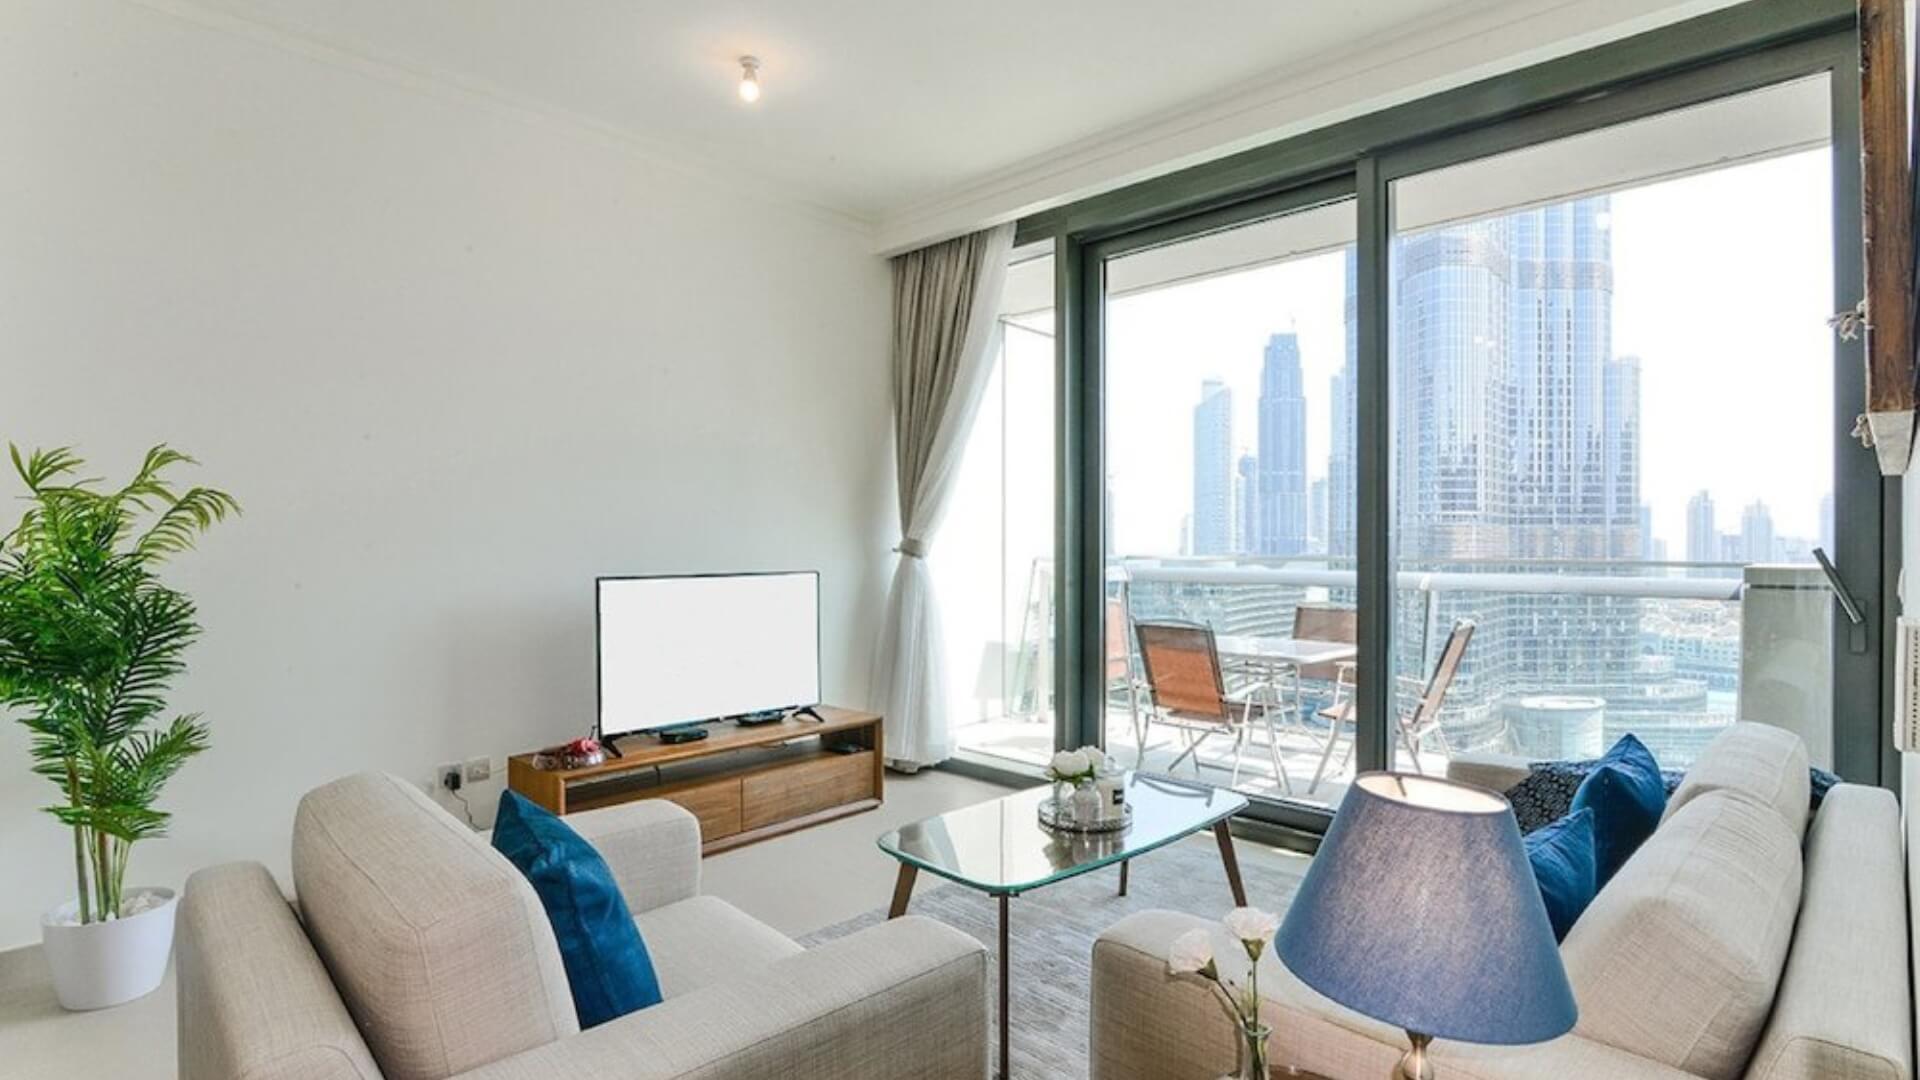 Apartamento en venta en Dubai, EAU, 1 dormitorio, 76 m2, № 24405 – foto 1